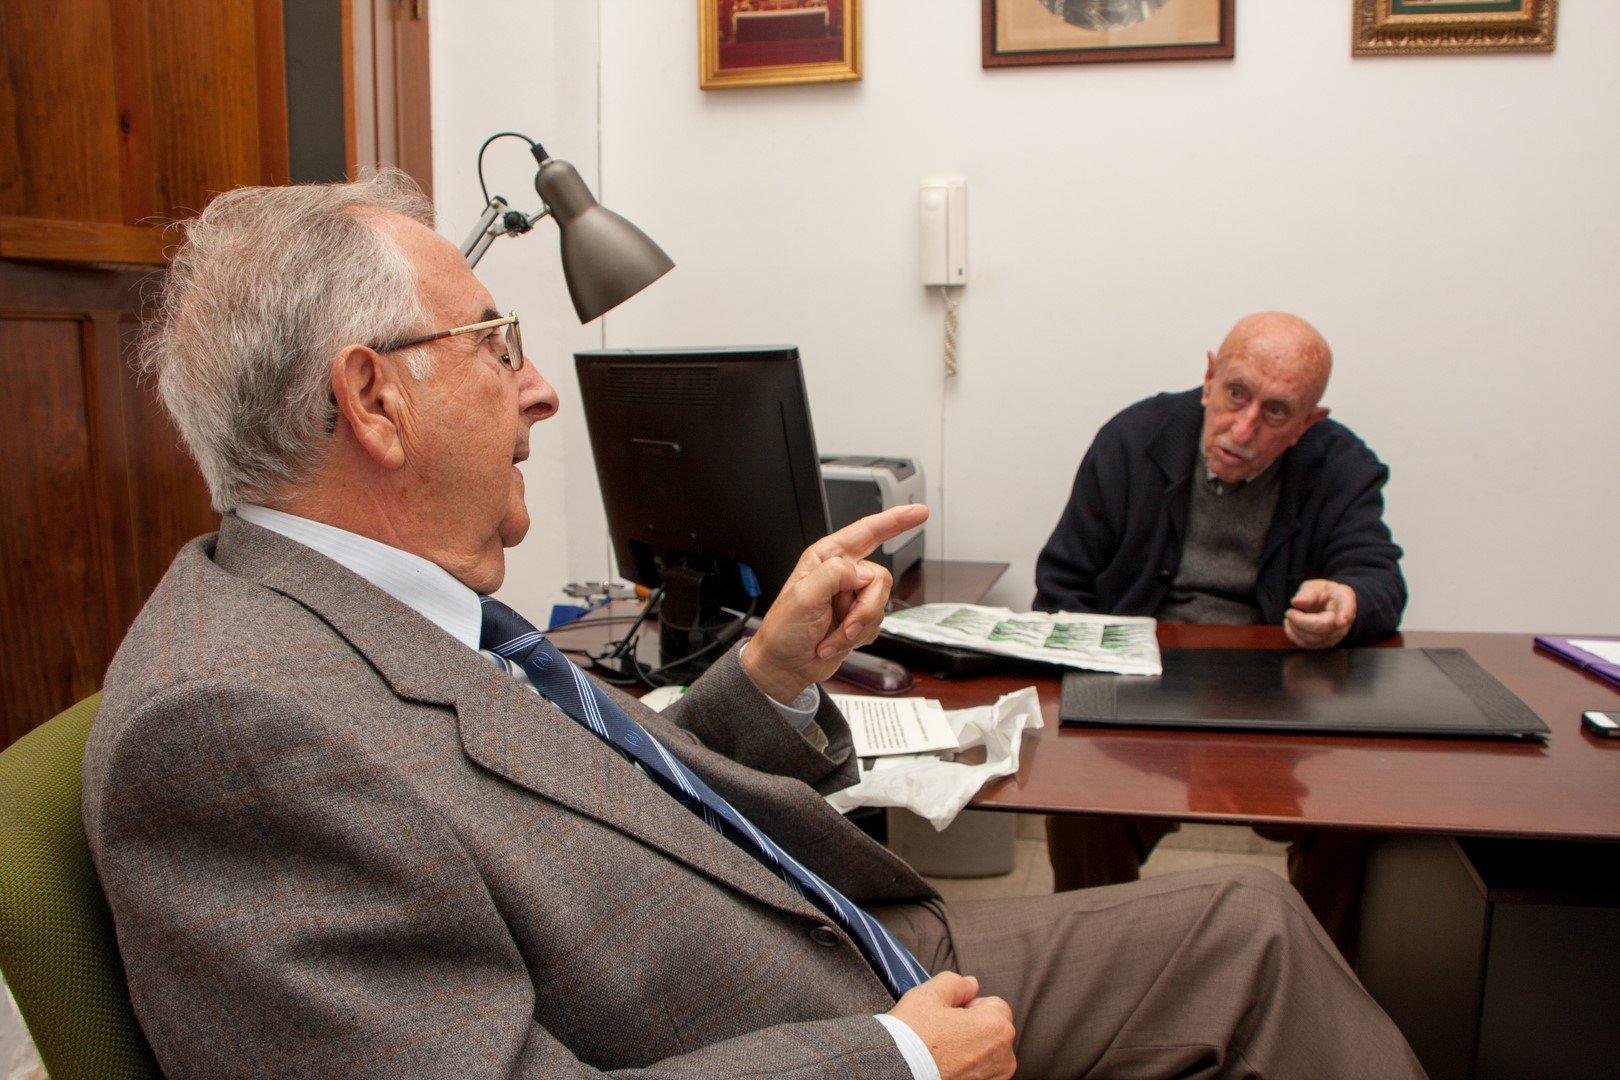 Fernando Vega y Juan Palacio durante la entrevista.